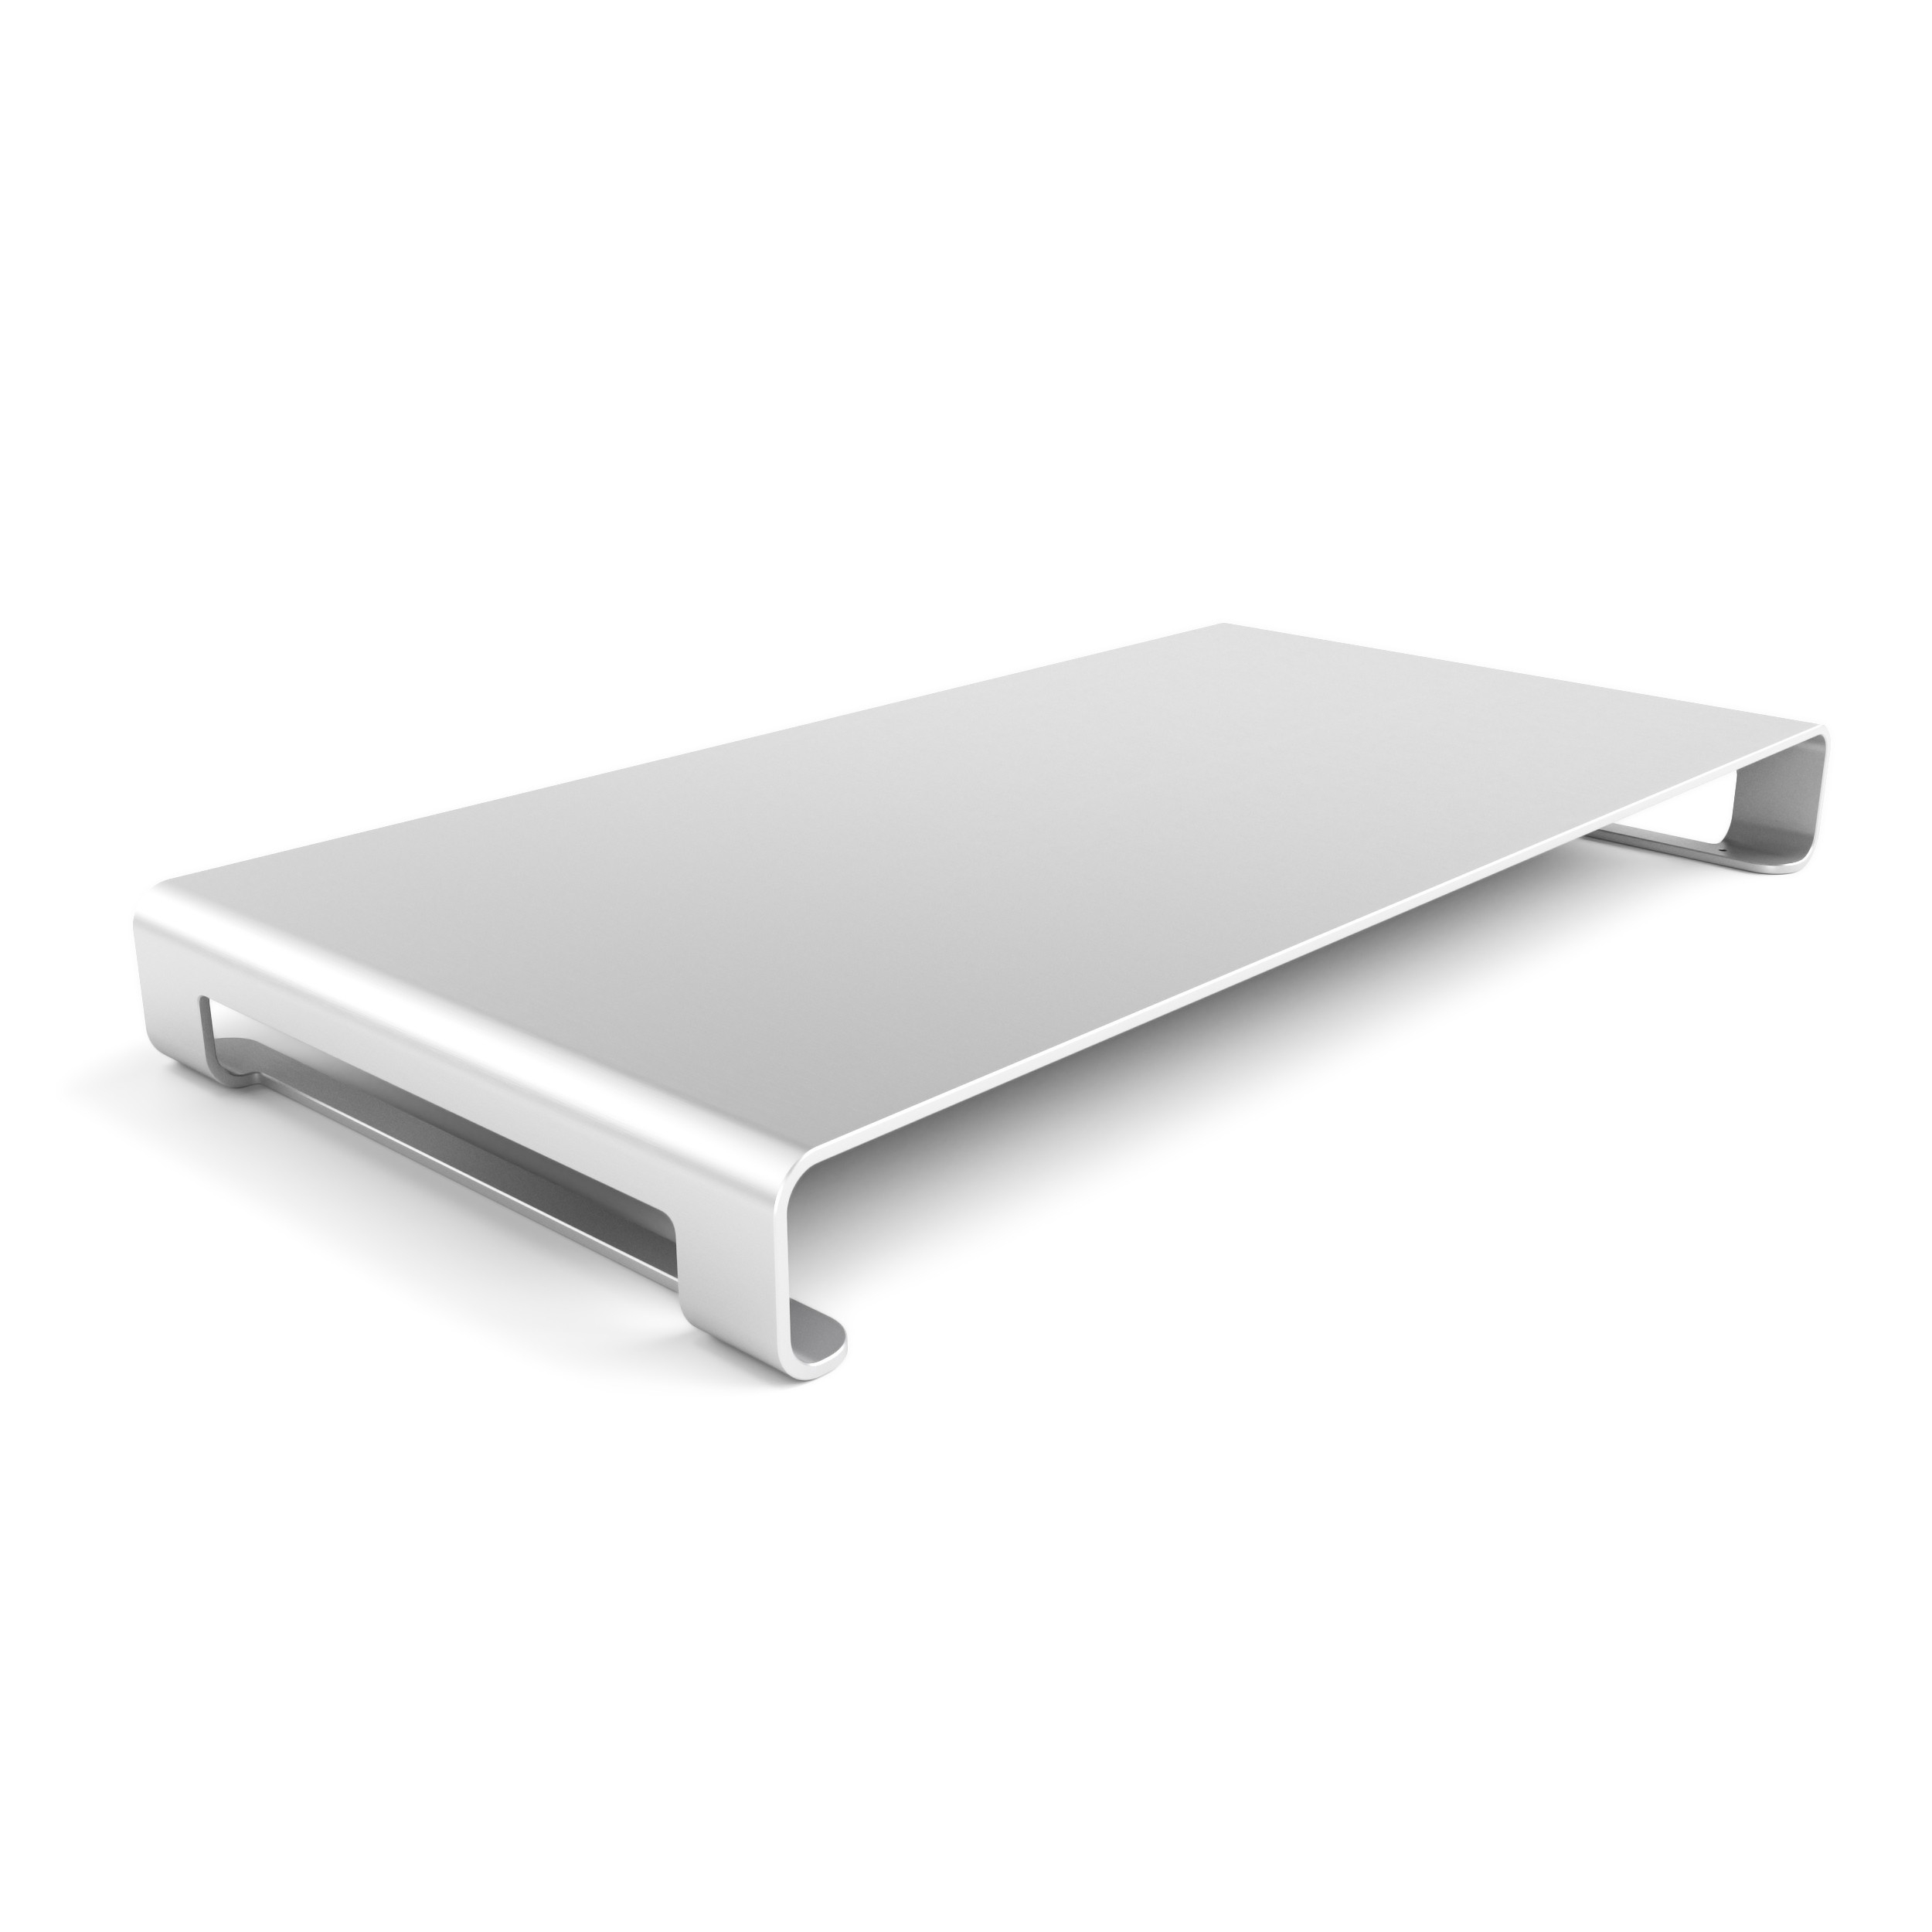 Алюминиевая подставка для монитора Satechi Aluminum Monitor Stand (B019PJOHKA)